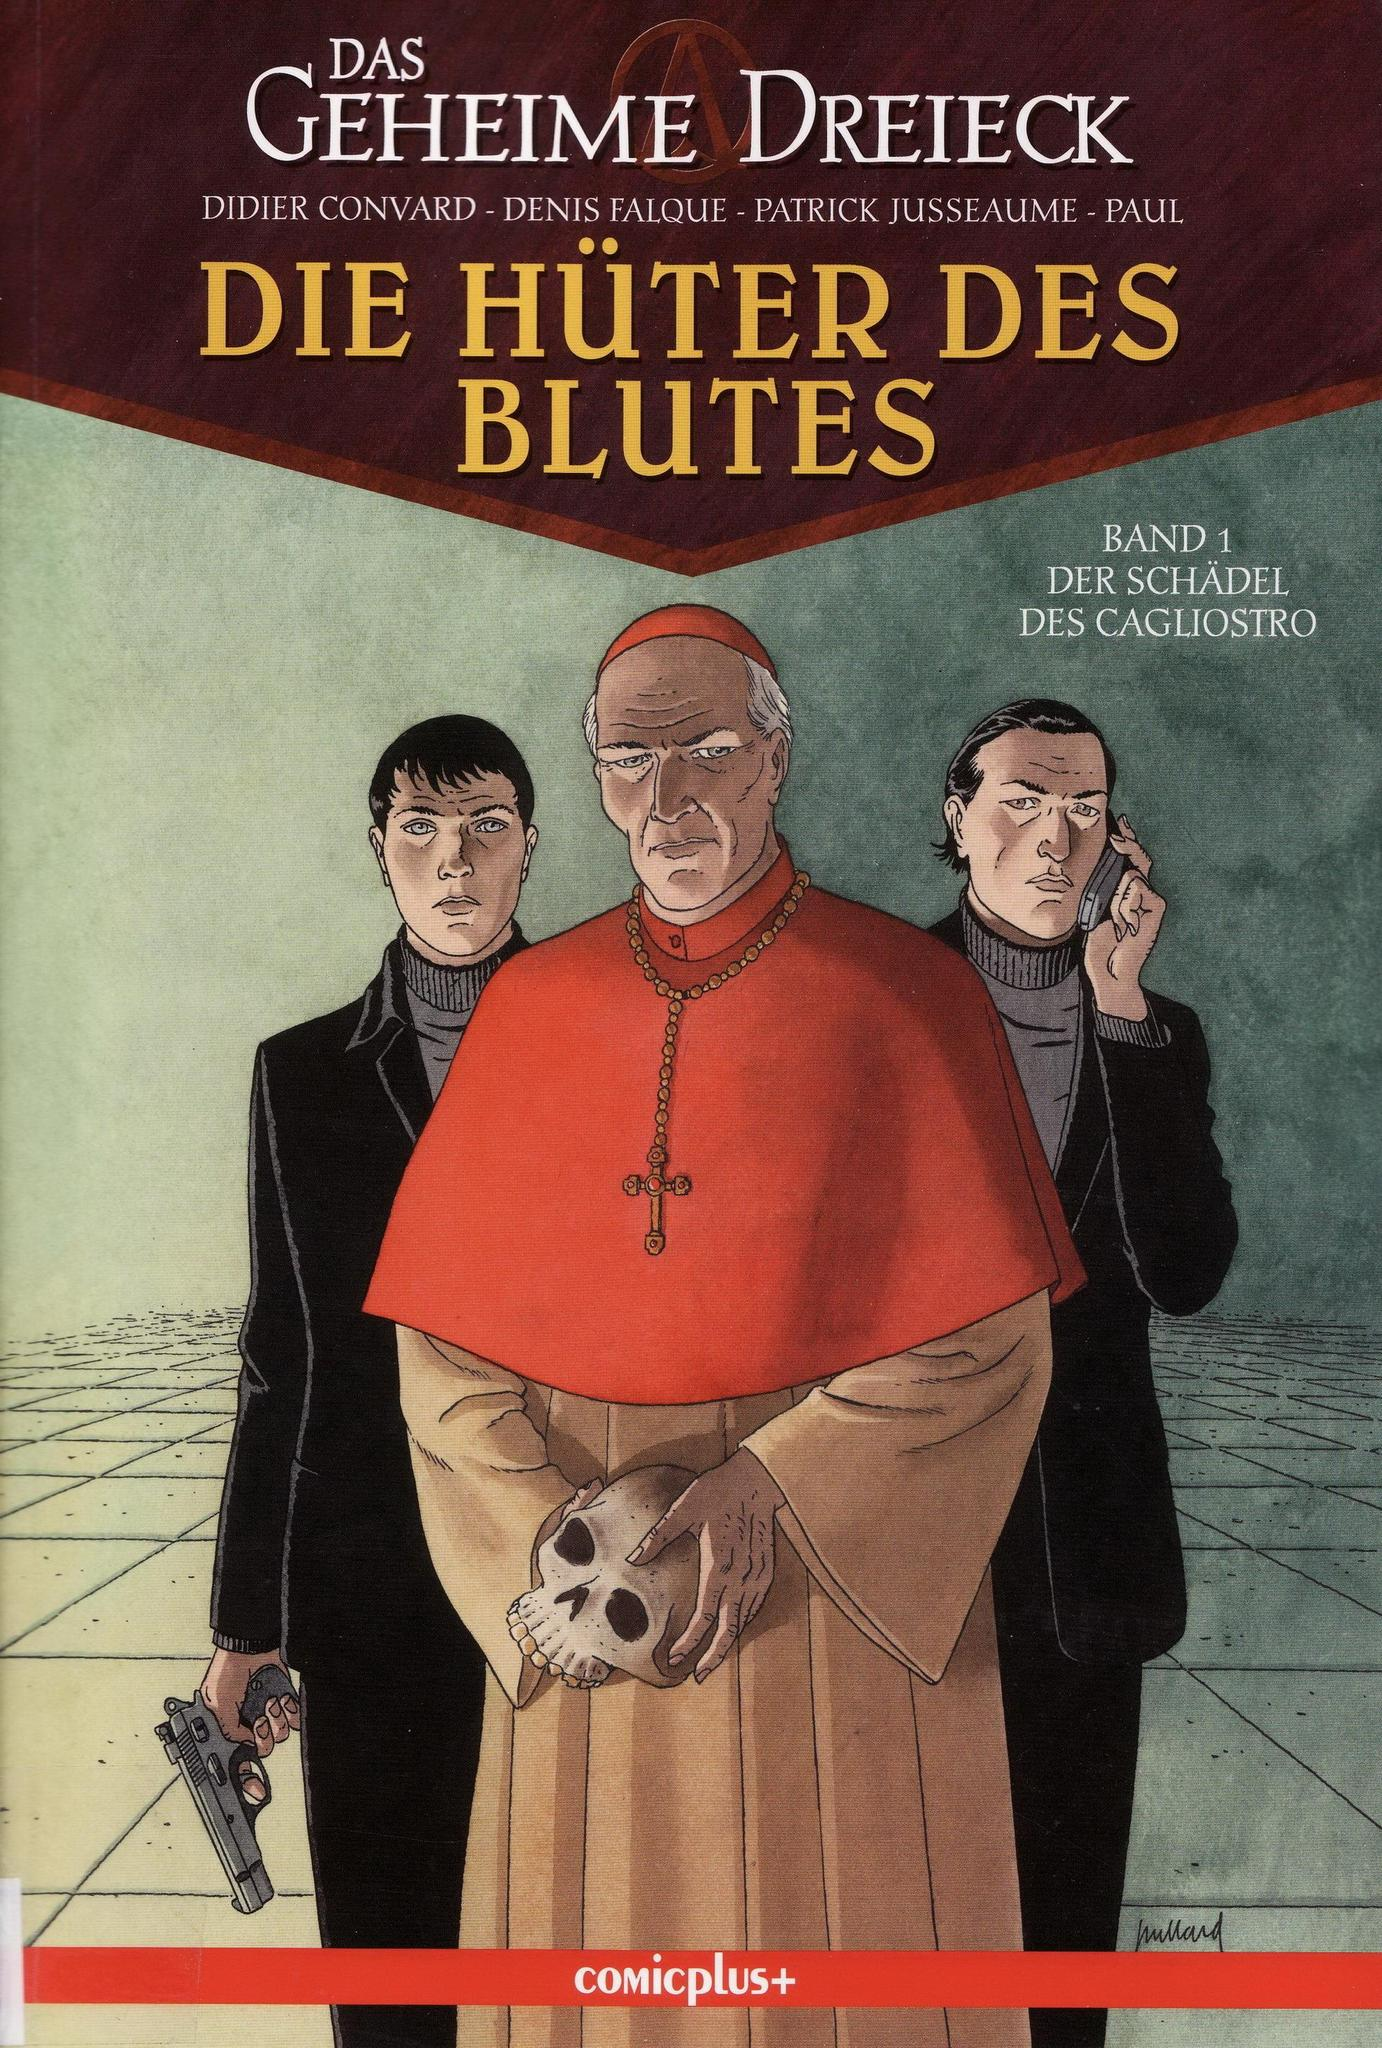 Das geheime Dreieck - Die Hüter des Blutes (2009) - komplett